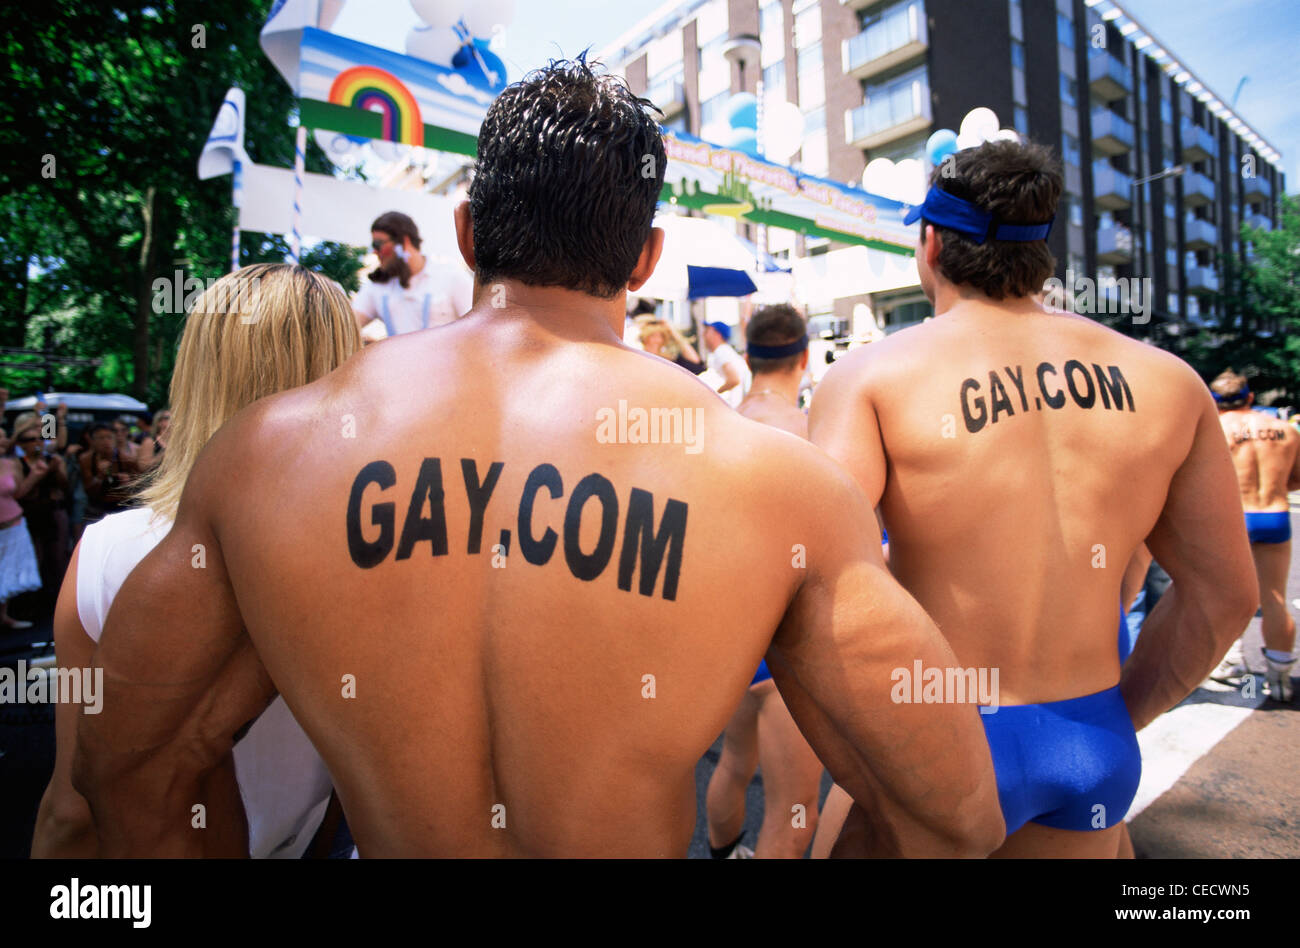 gay bladder fill